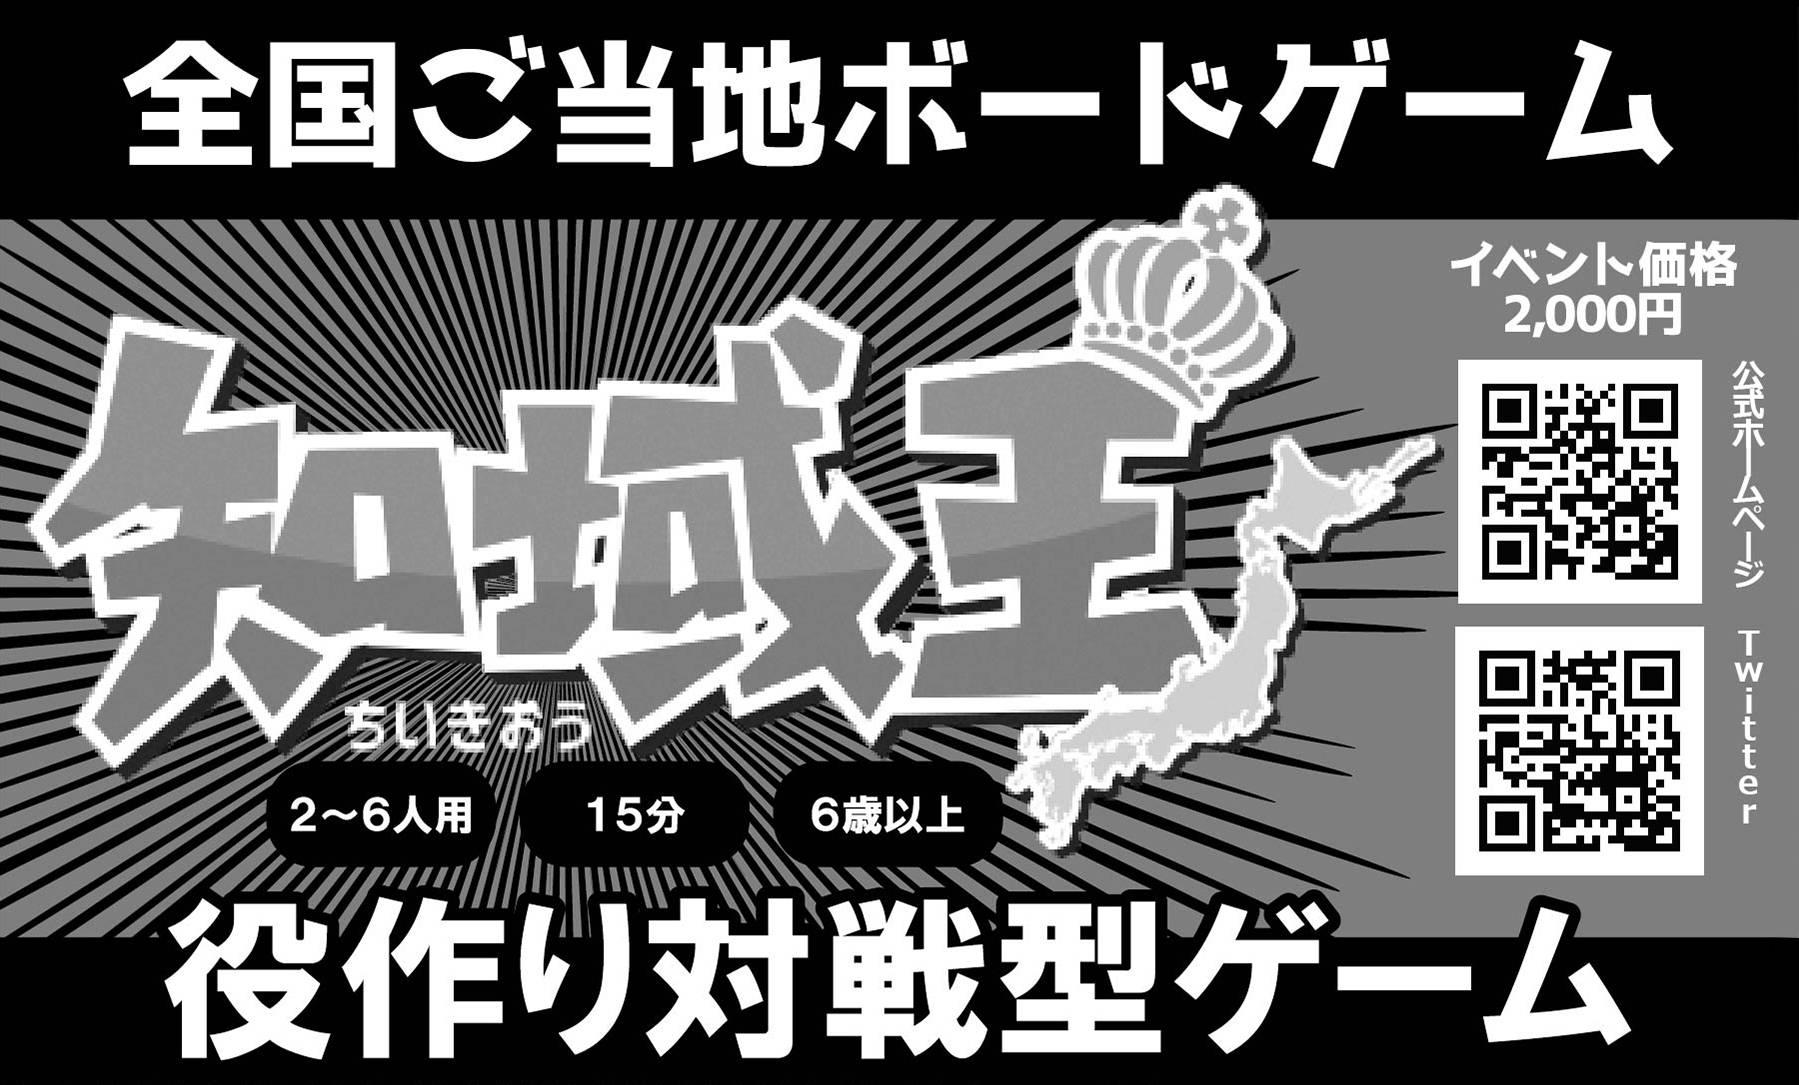 【ご当地ボードゲーム 知域王】カタログ入稿致しました~!